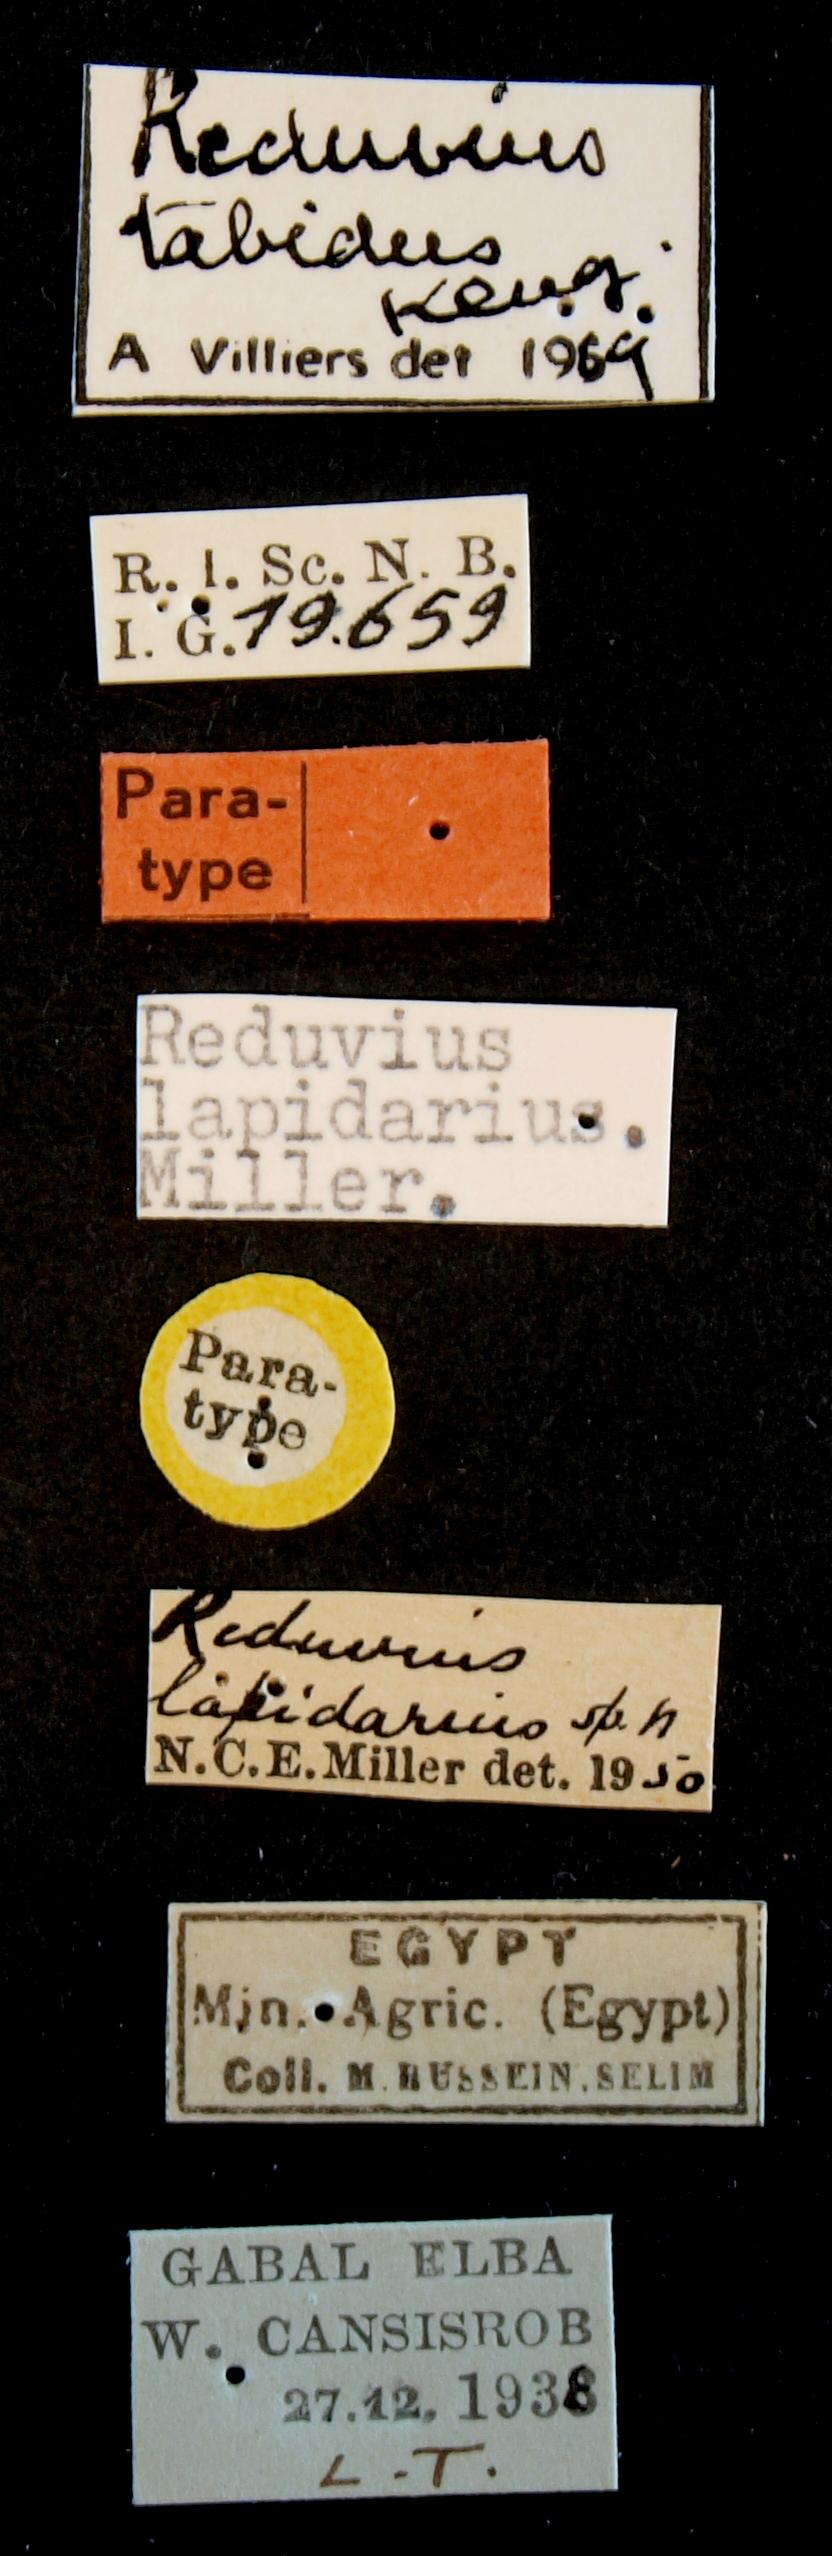 Reduvius tabidus pt Lb.JPG